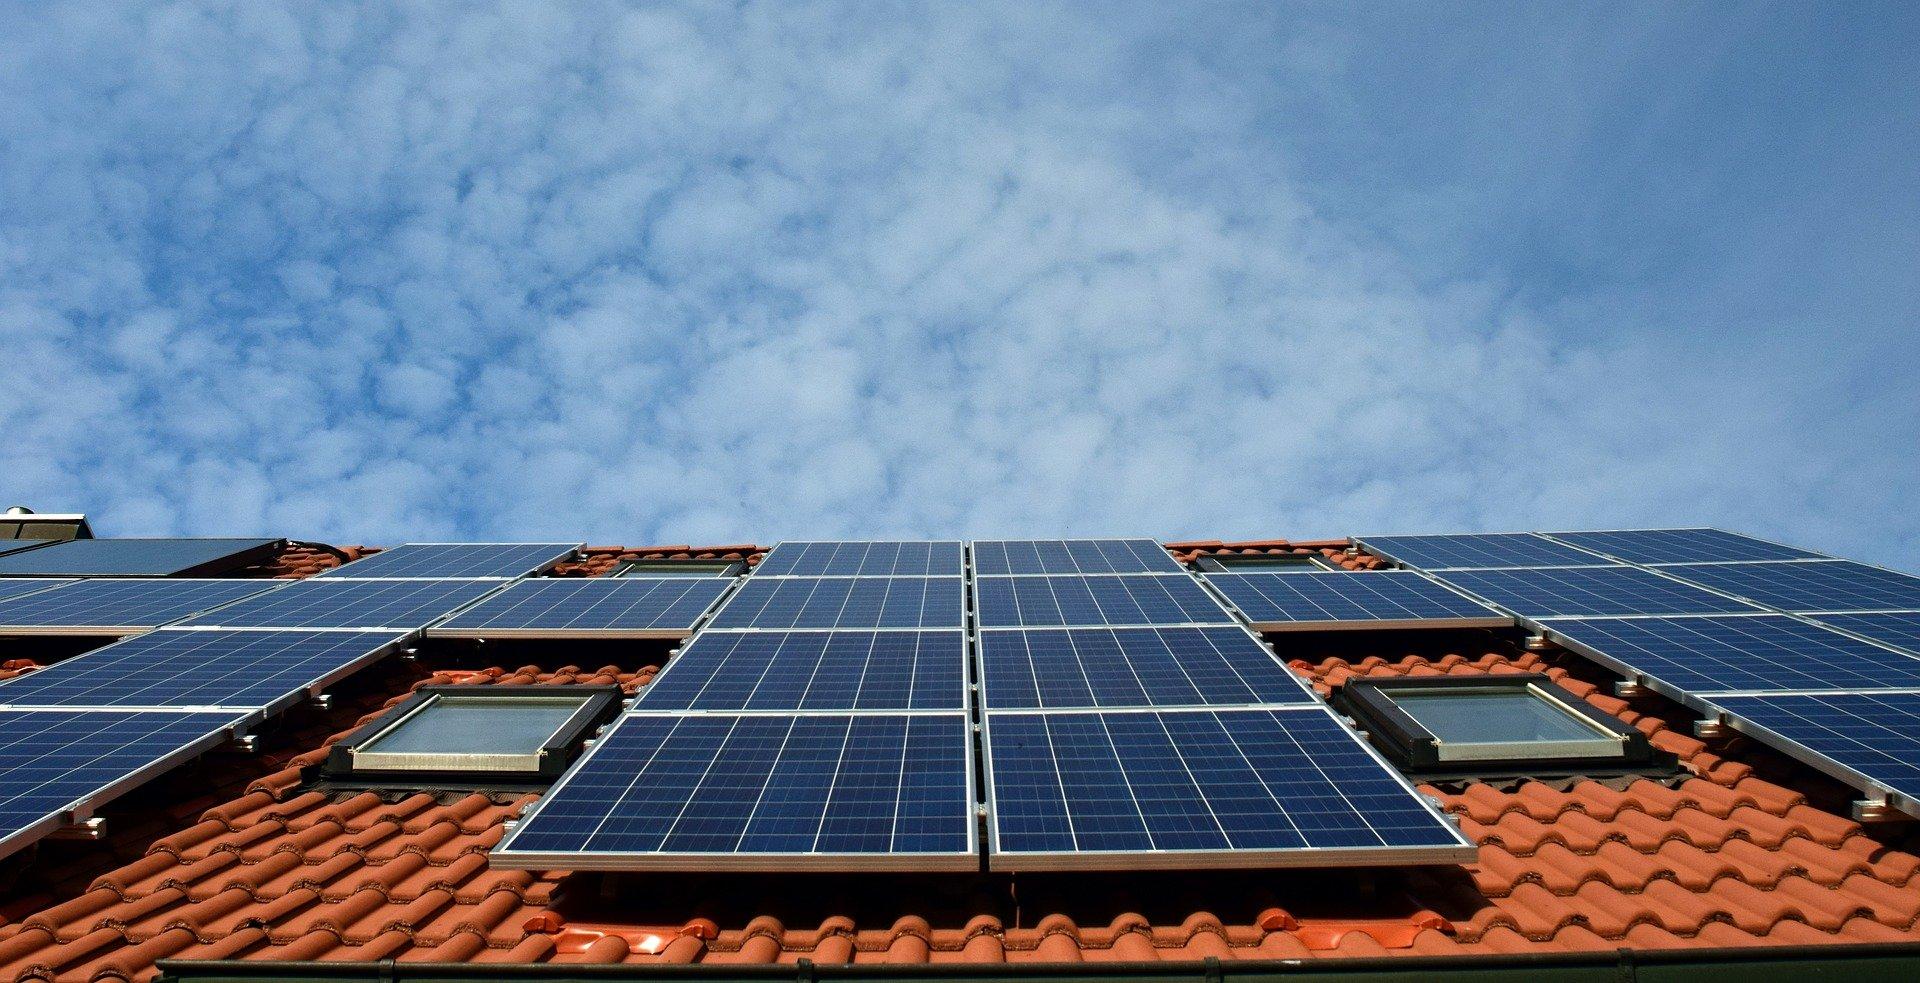 Vergangene Woche hat das Bundesfinanzministerium den Betrieb kleiner Photovoltaik-Anlagensteuerfrei gestellt. Das schafft Bürokratie ab. Für Häuslebauer und Eigenheimbesitzer ist das eine gute Nachricht.